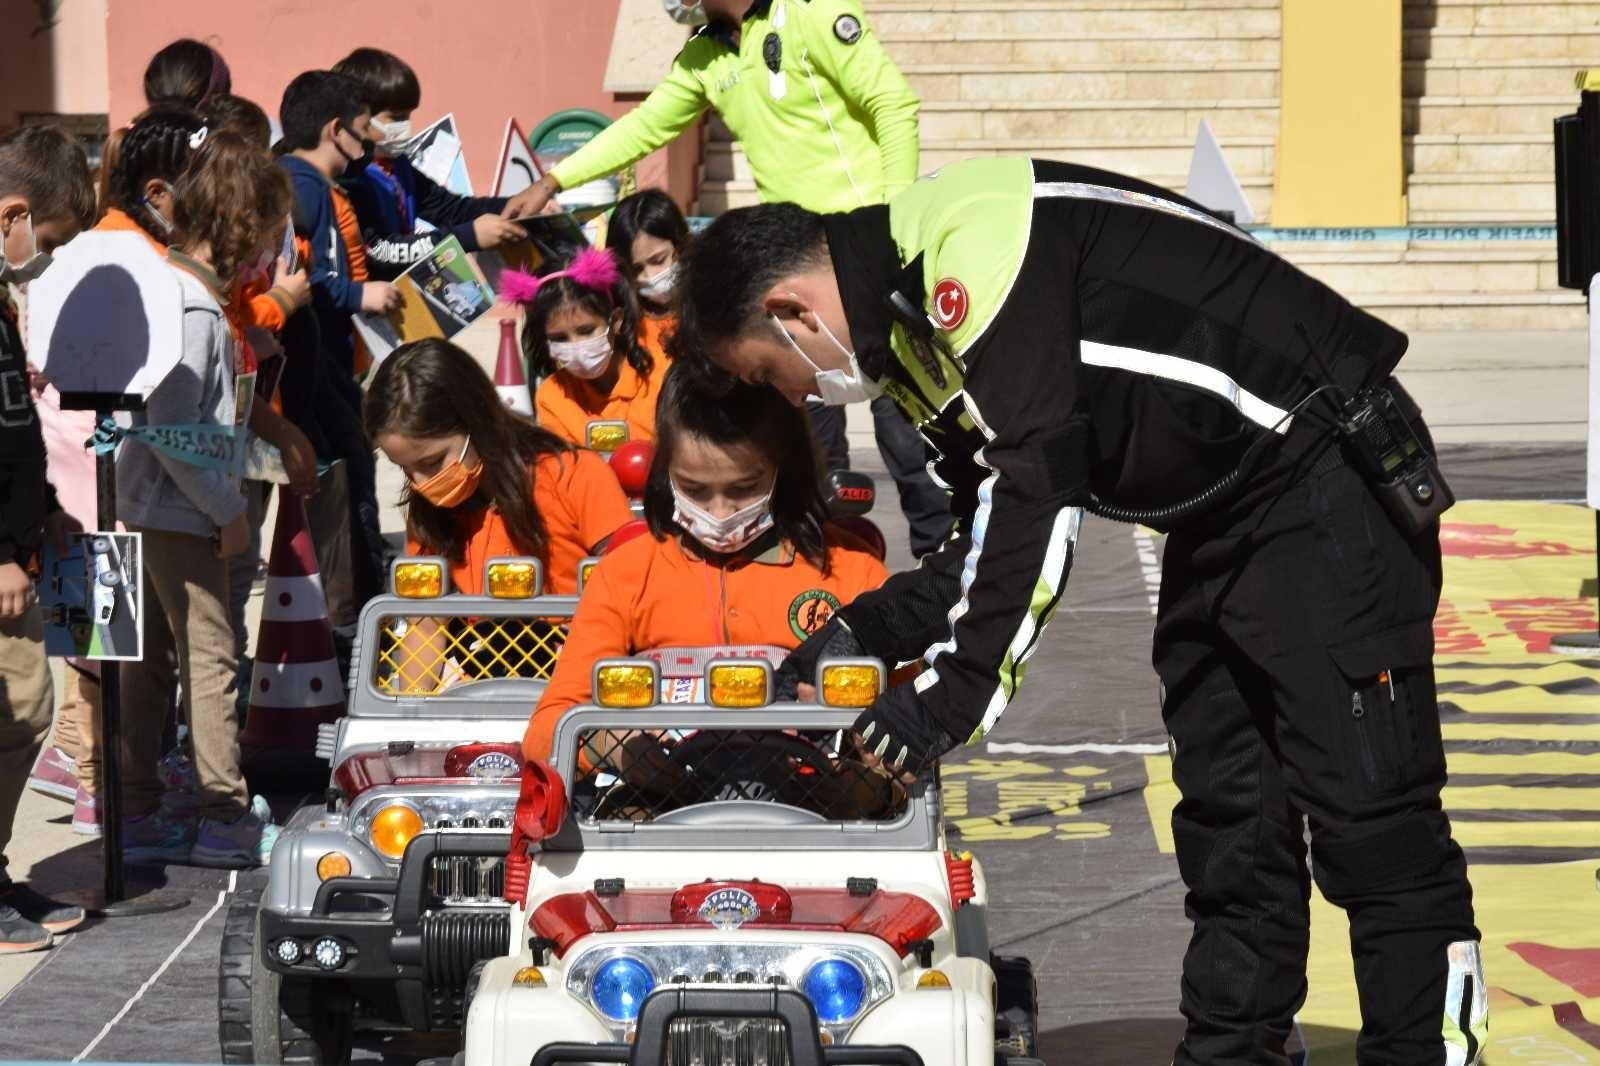 Mobil trafik eğitim tırı Burdur'da #burdur